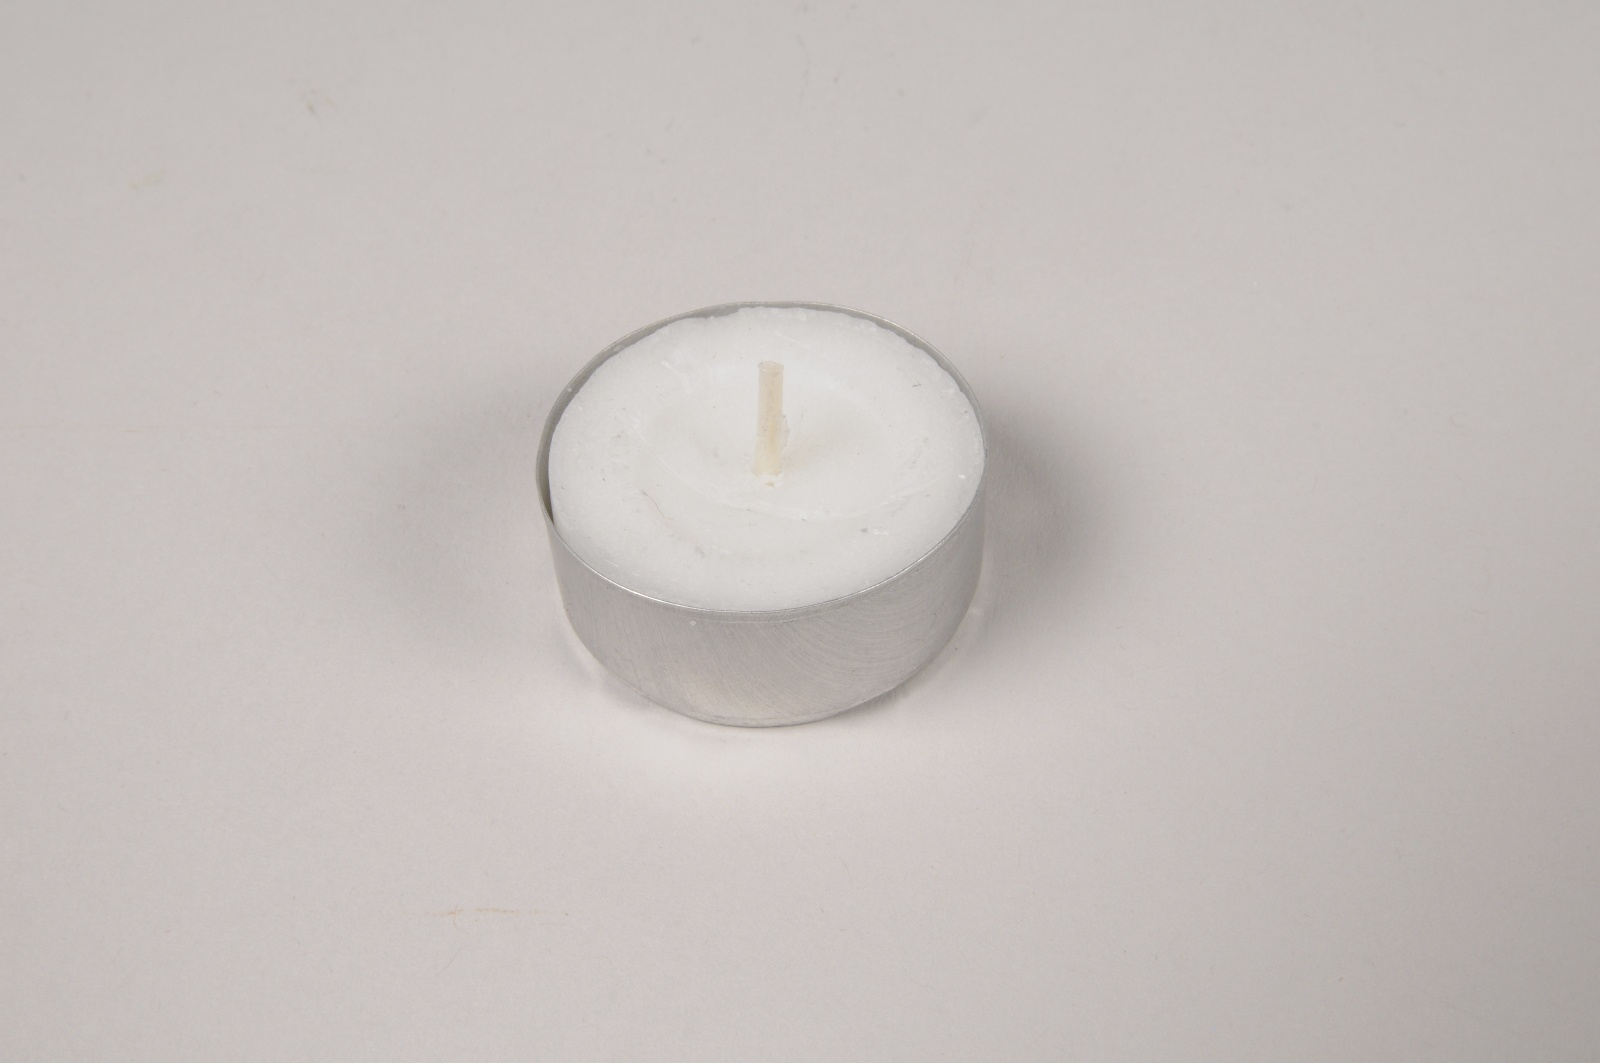 A002IR Paquet de 50 bougies chauffe-plat D3.5cm